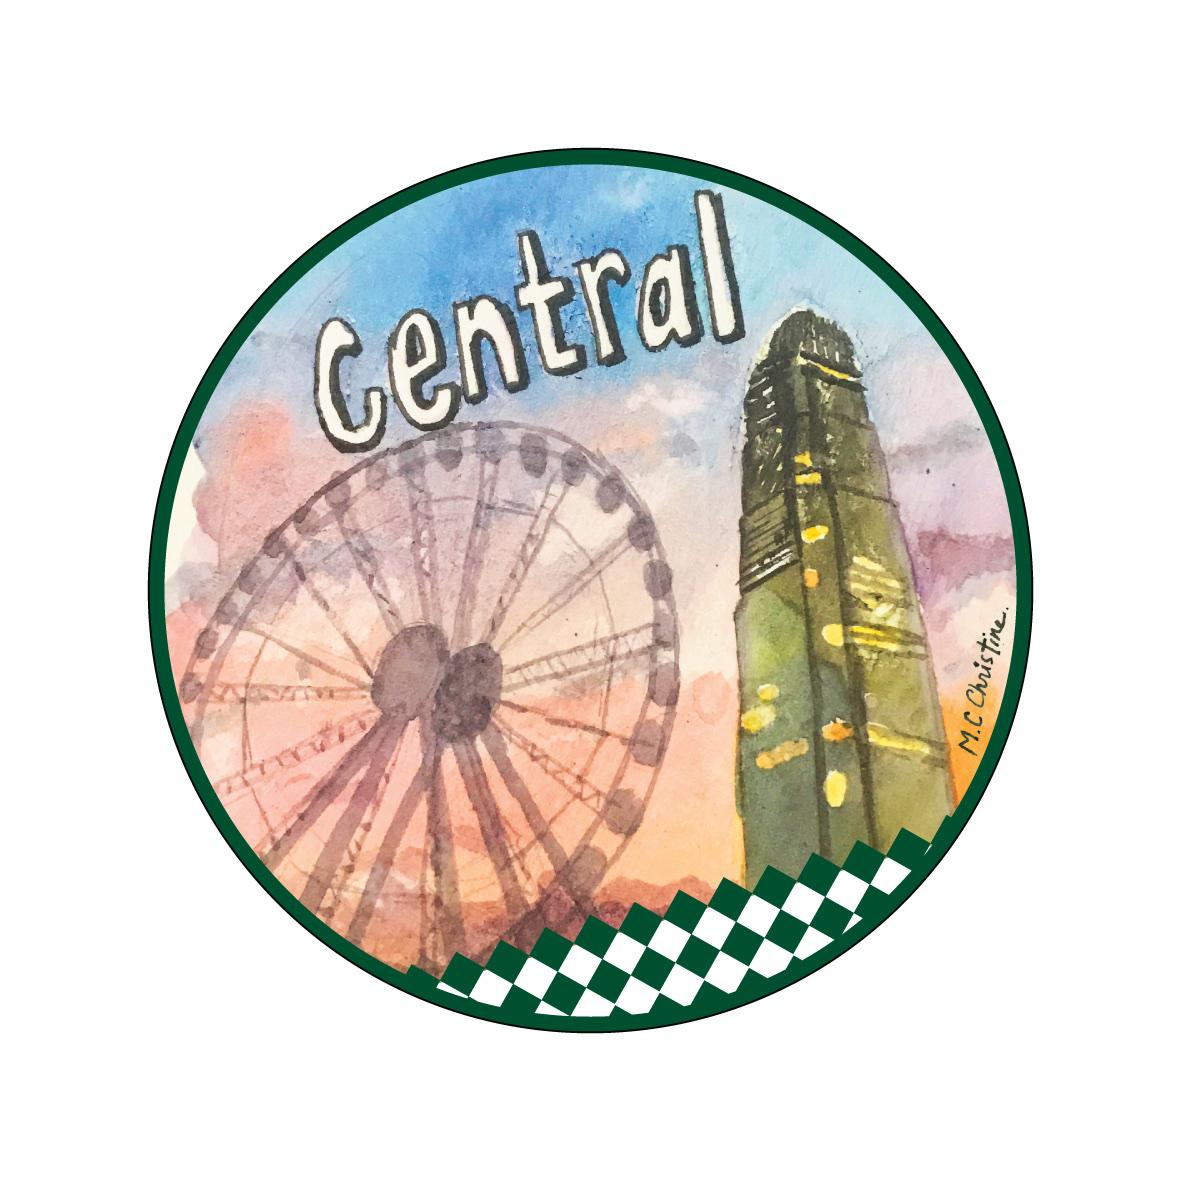 Central Sticker2-01.jpg